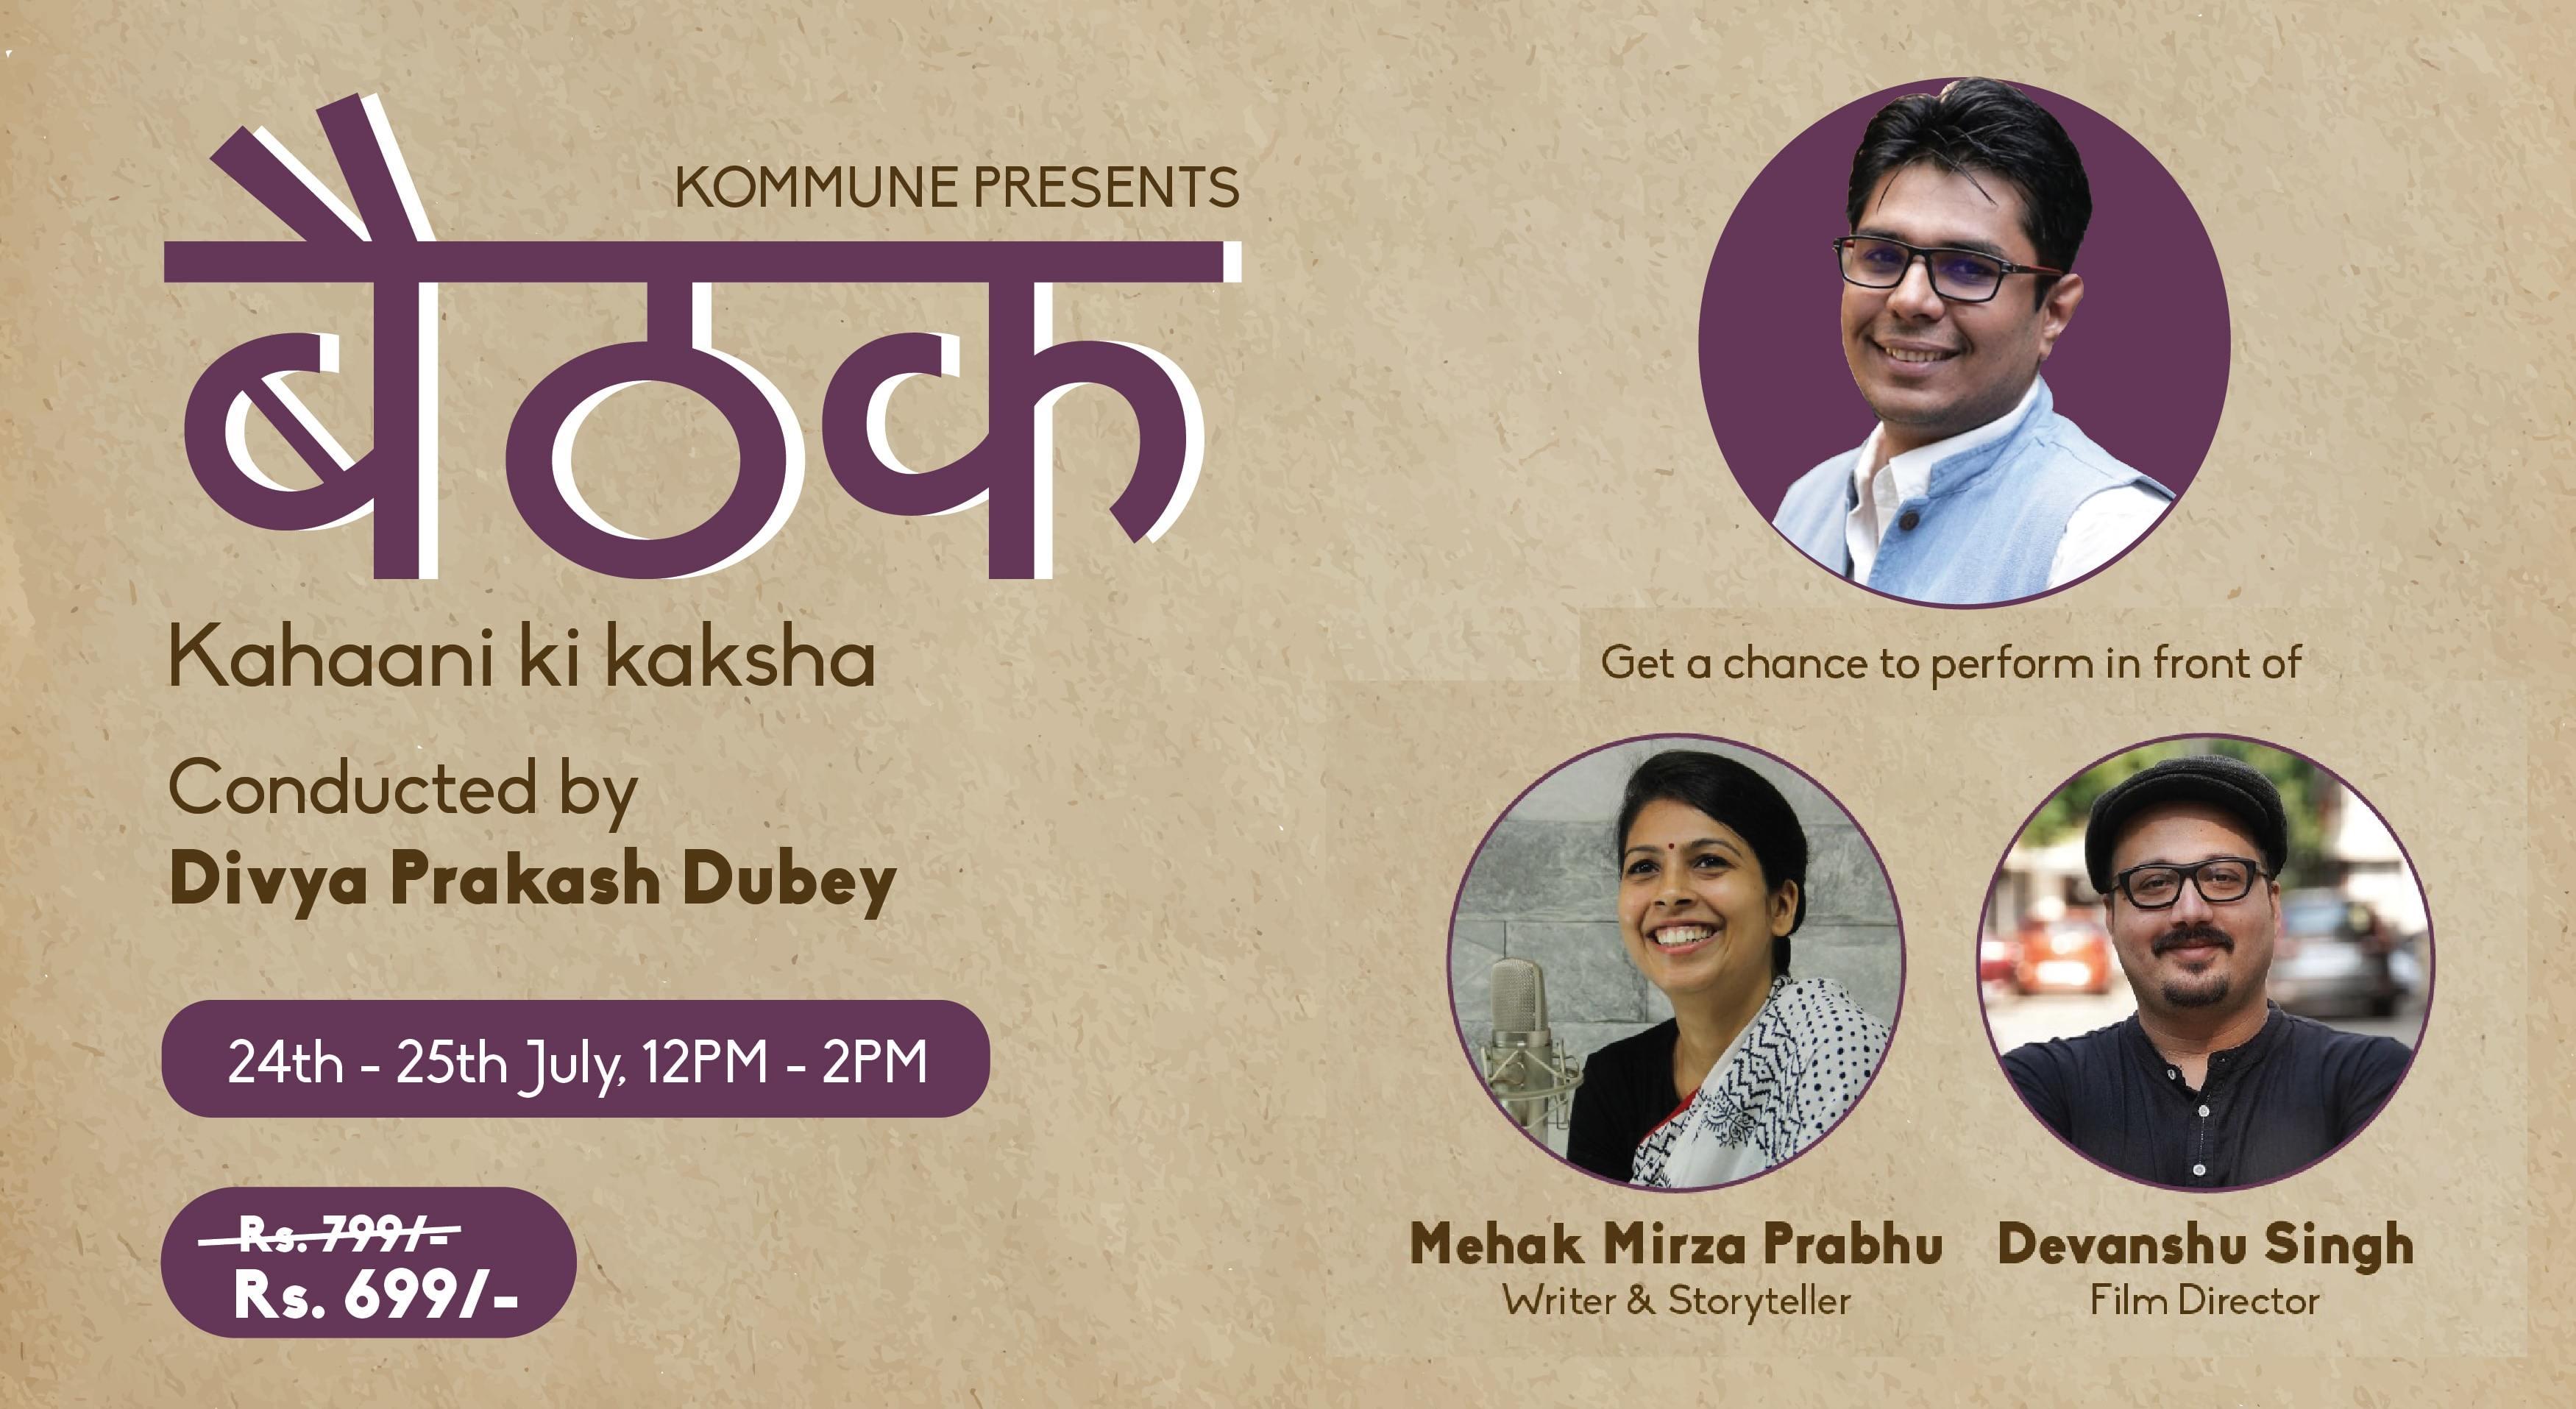 Kommune Presents Baithak 2.0: Kahaani ki Kaksha